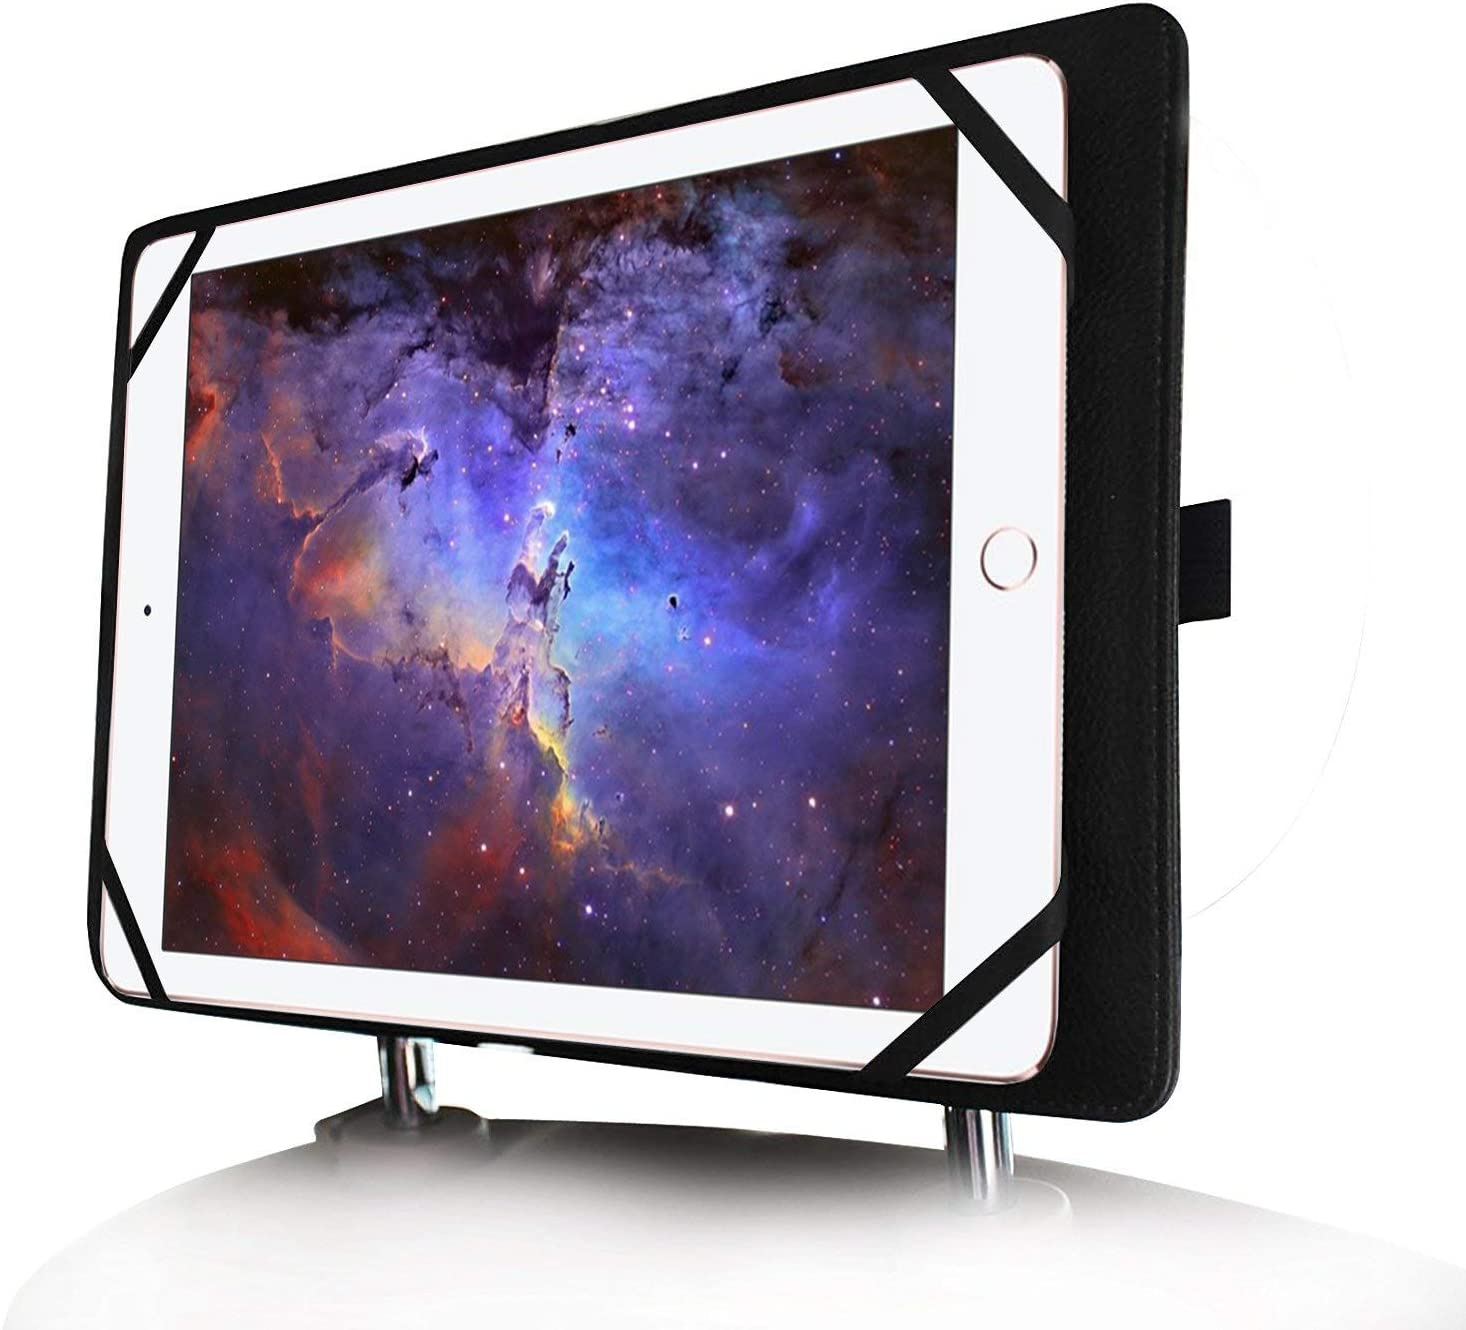 Fintie Universal Funda y Soporte Reposacabeza de Coches para Tablet de 7-11 Pulgadas para Apple iPad, Samsung Galaxy Tab, Huawei, Lenovo, BEISTA, YOTOPT, GOODTEL, LNMBBS, Chuwi, TECLAST Tablet, Negro